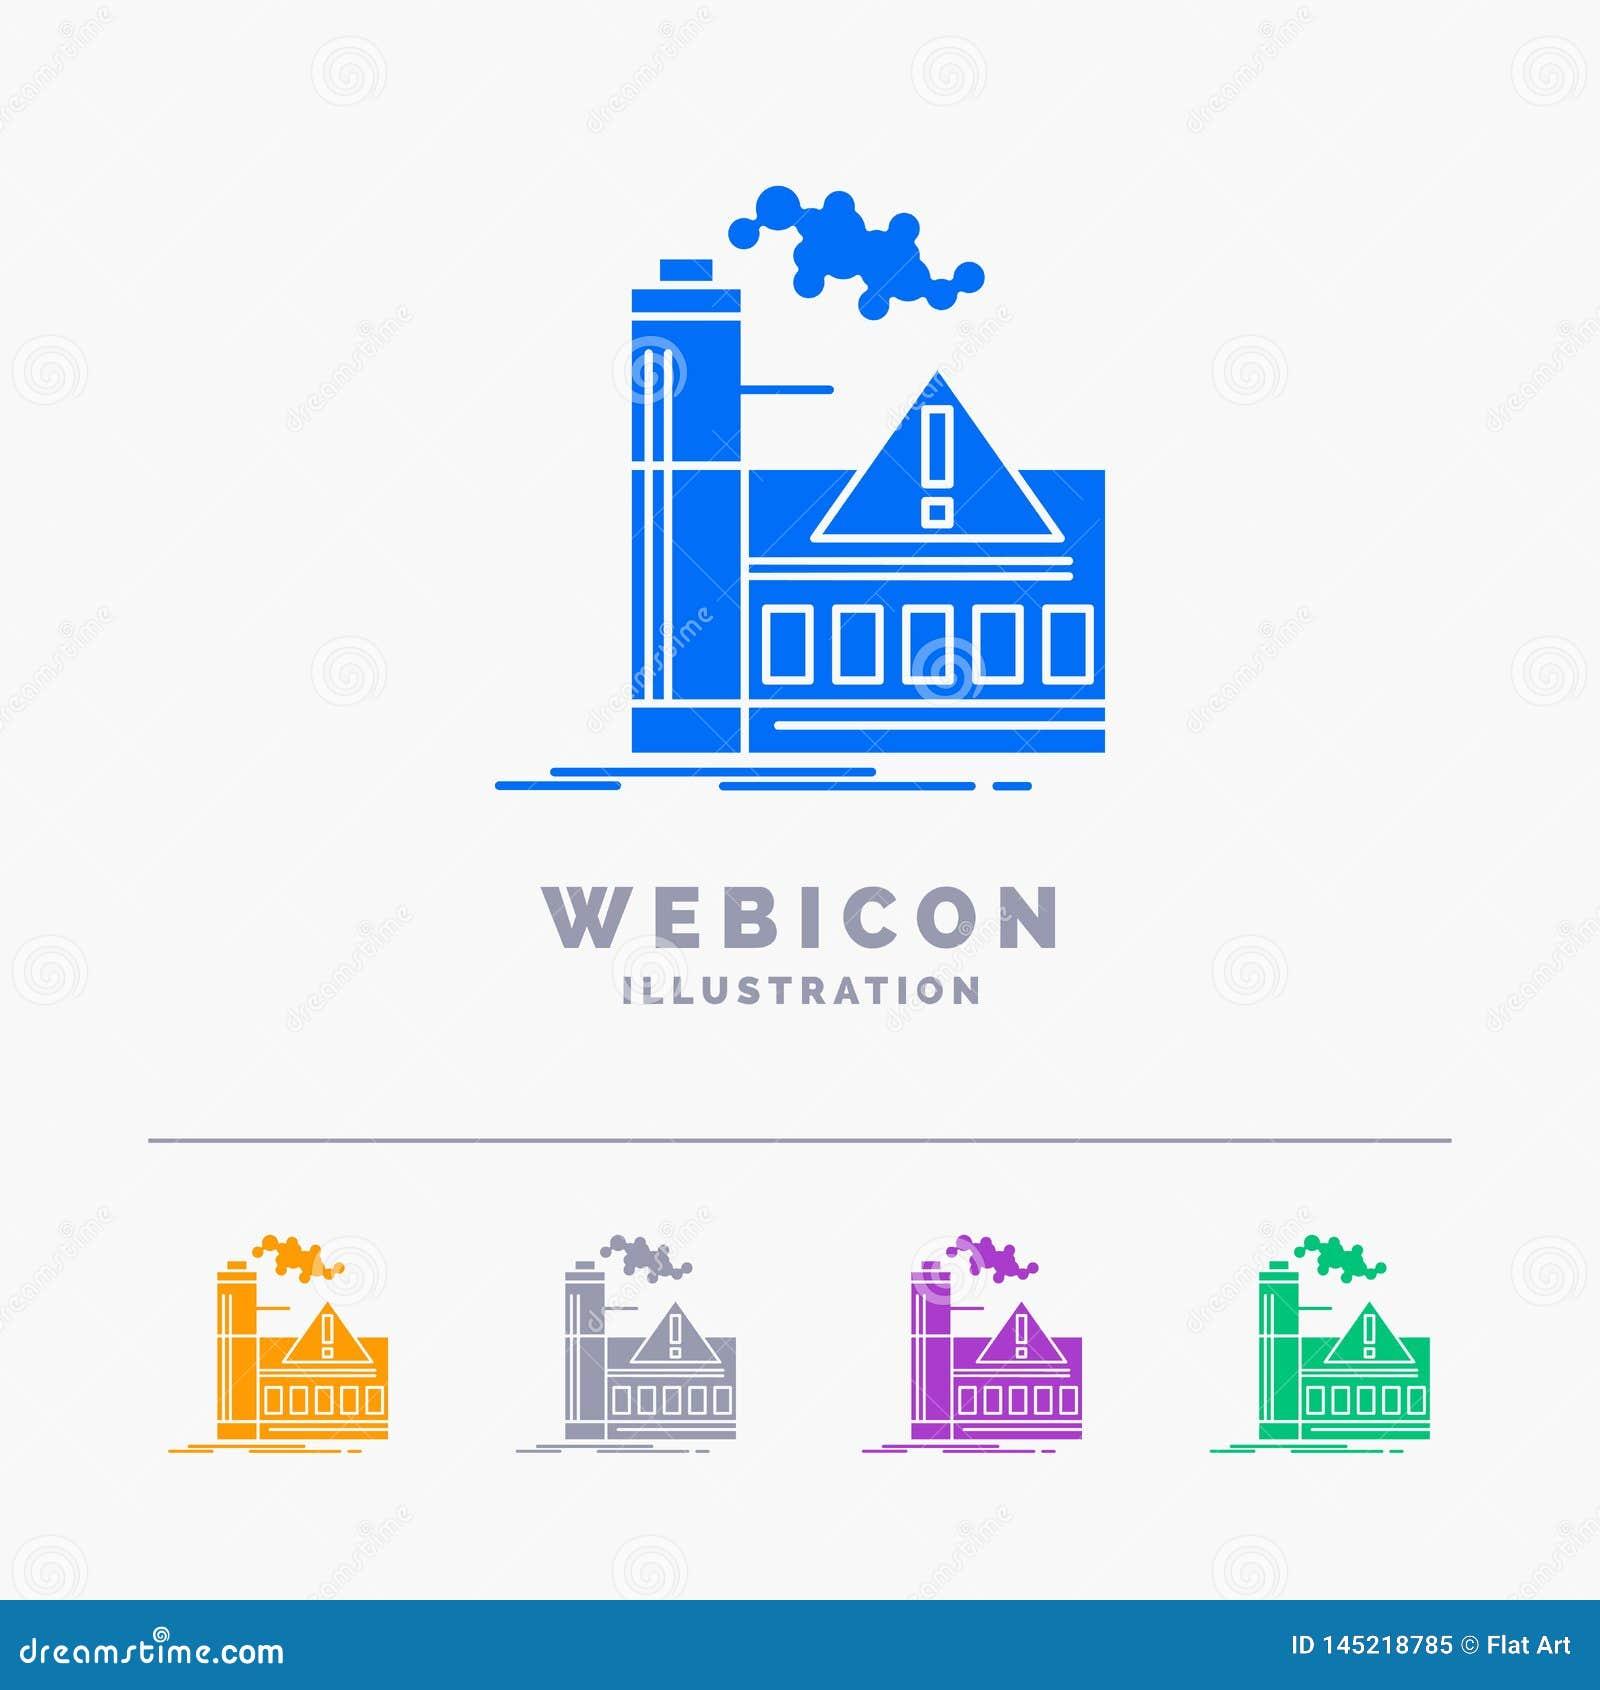 Verontreiniging, Fabriek, Lucht, Alarm, de industrie 5 het Malplaatje van het het Webpictogram van Kleurenglyph dat op wit wordt